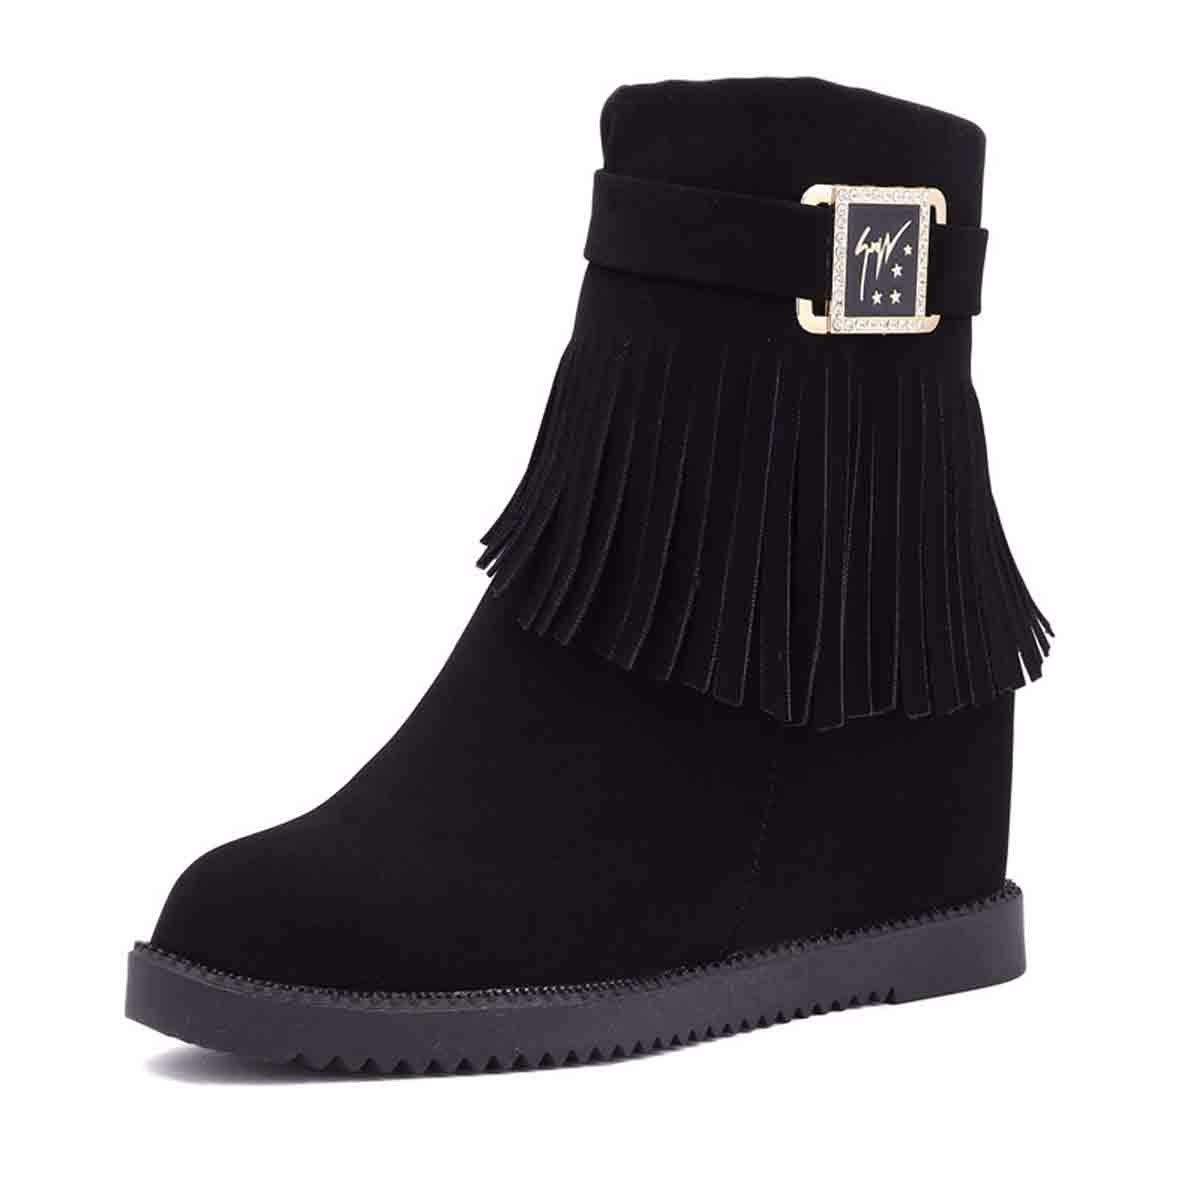 KOKQSX-Frauen Schuhe Mode Einem Stiefel innere größe mit Stiefeln